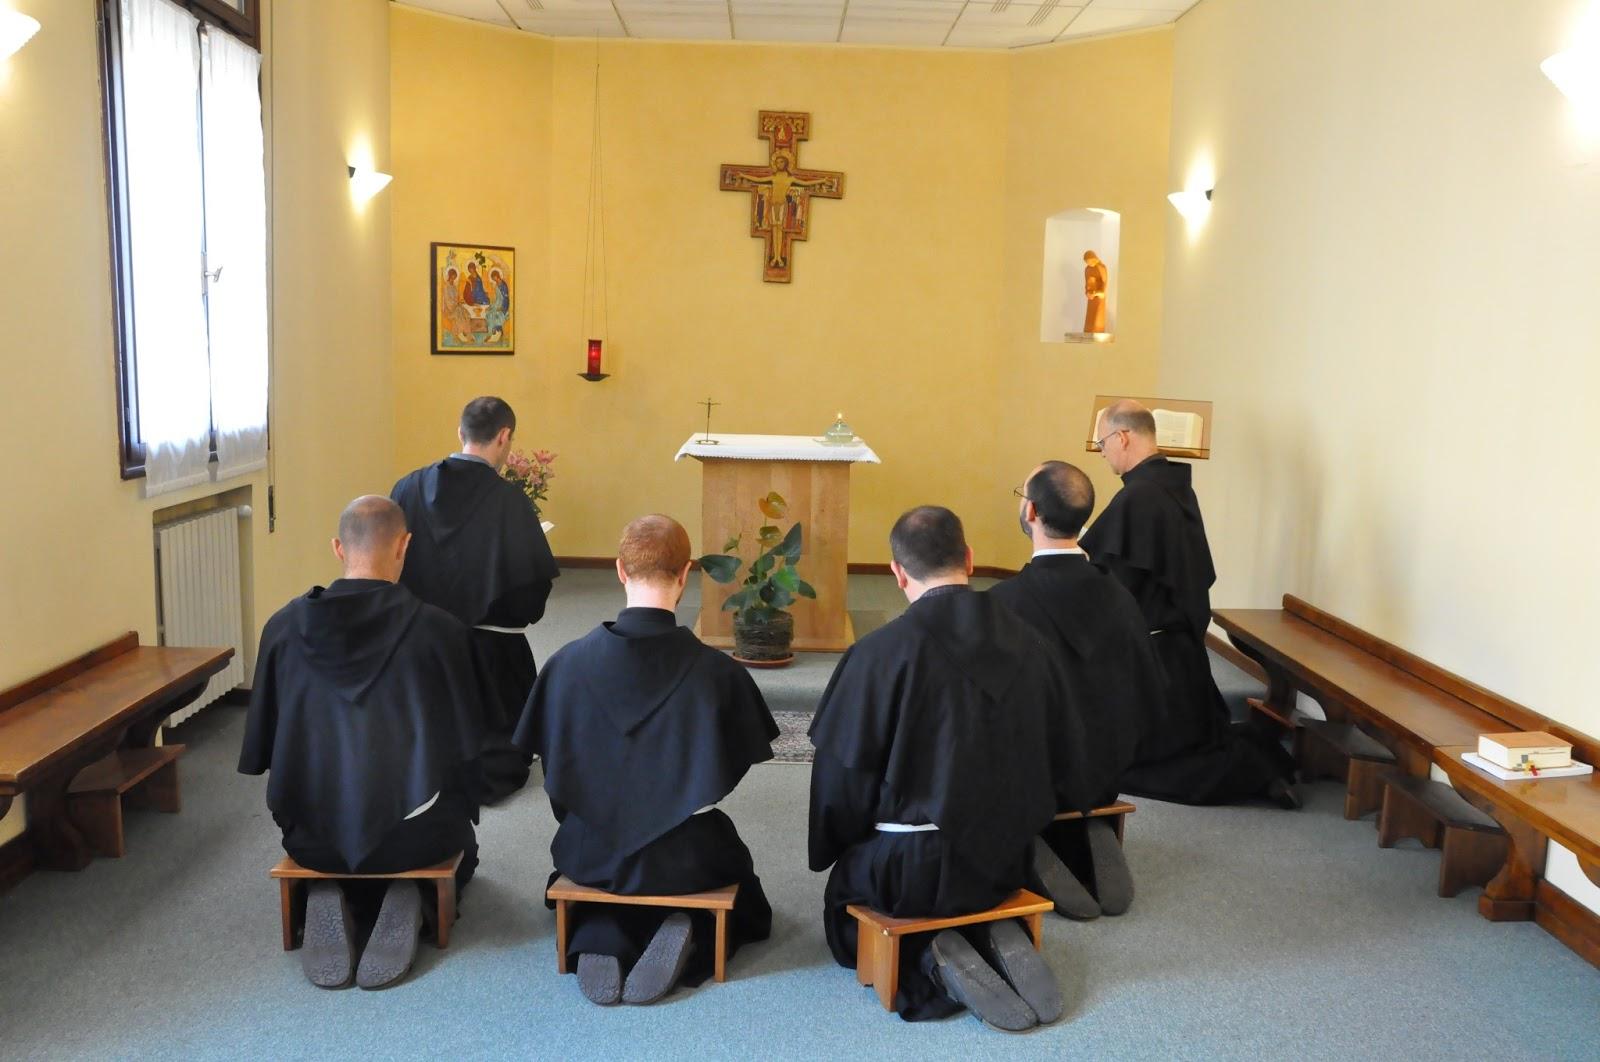 Vocazione francescana: Ardere senza consumarsi o